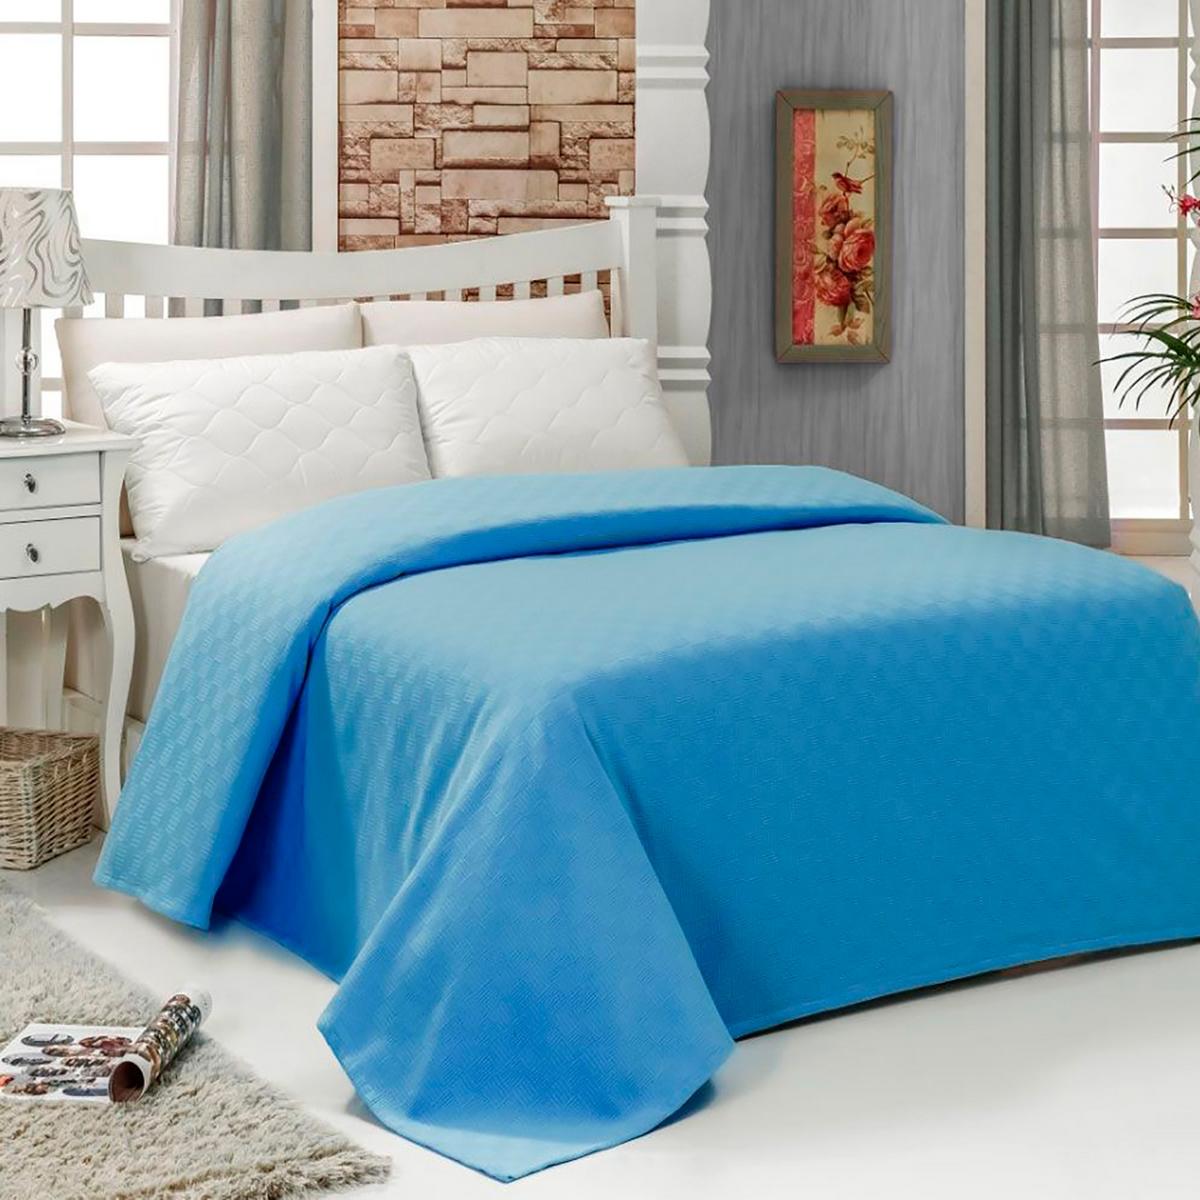 Покрывало Arya home collection Dama, голубой пике женский mk2573 03 голубой